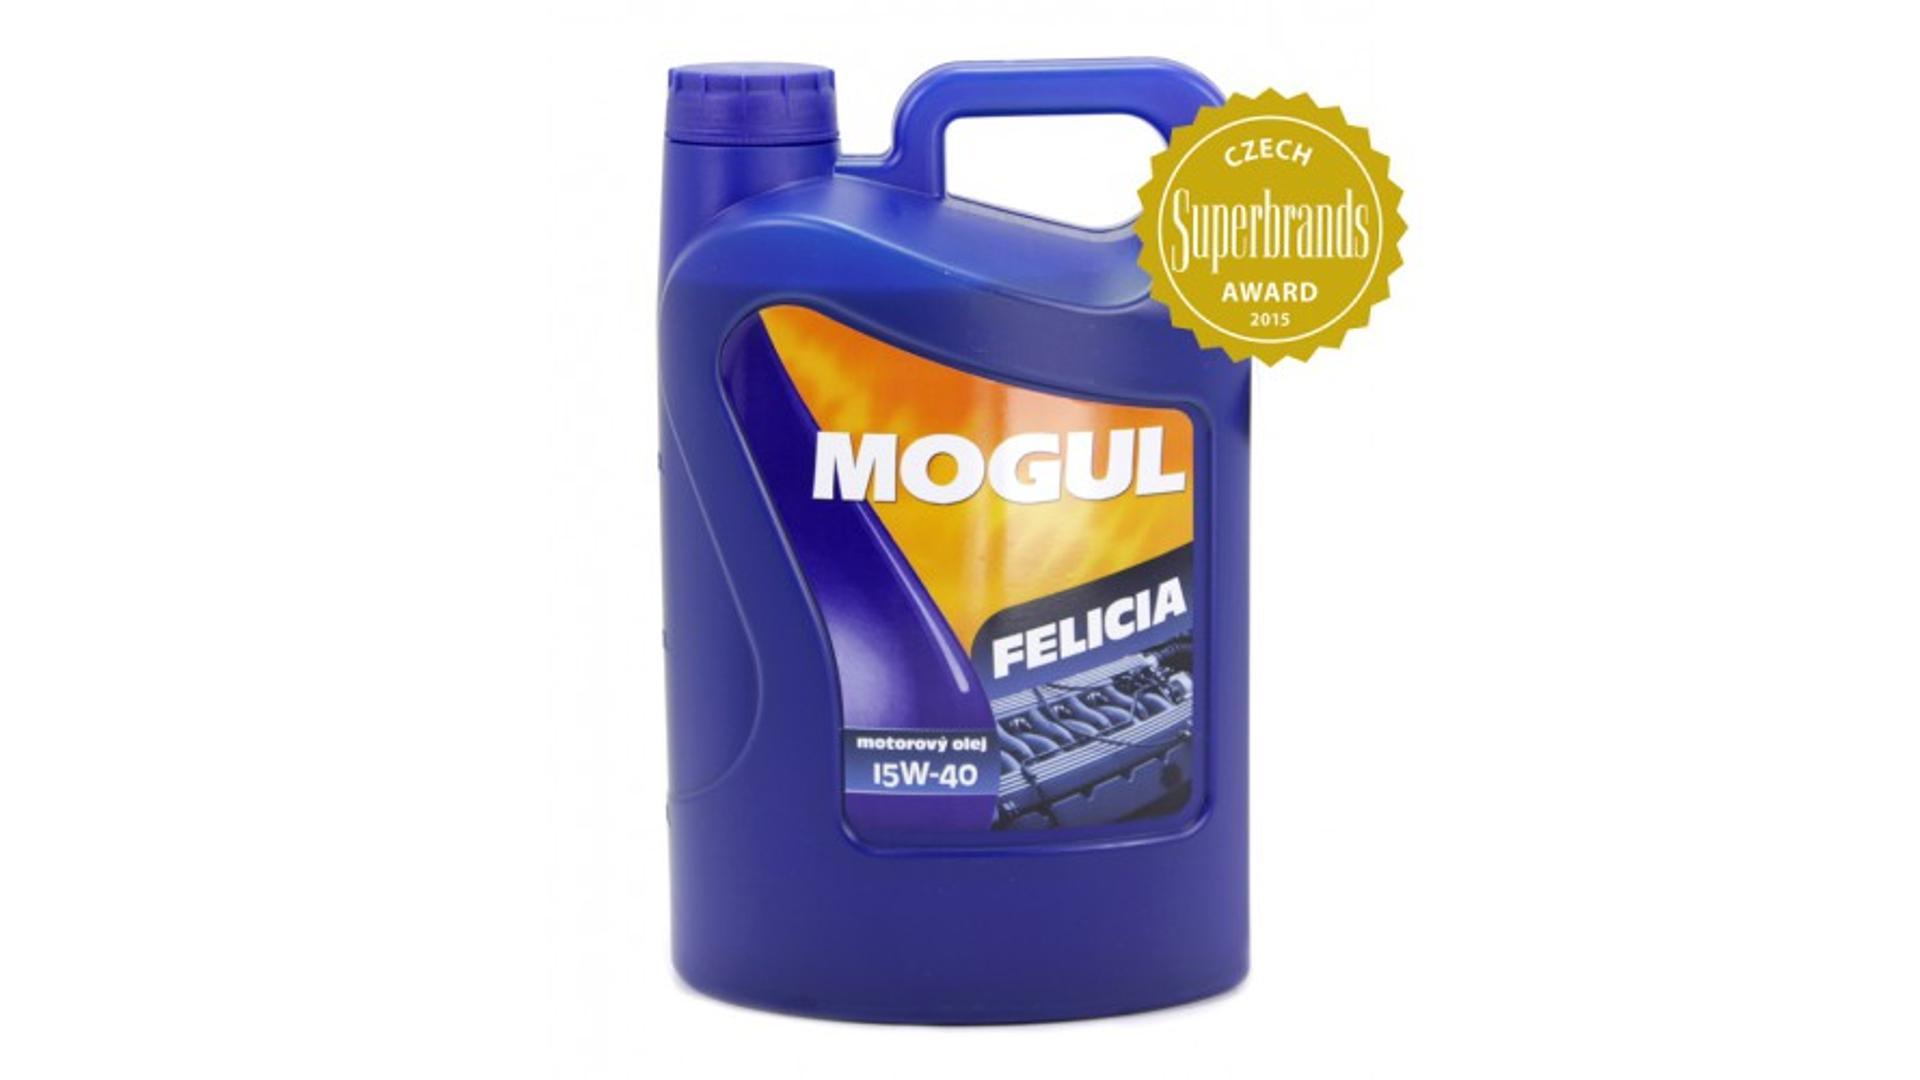 MOGUL GX FELICIA 15W-40 /4L